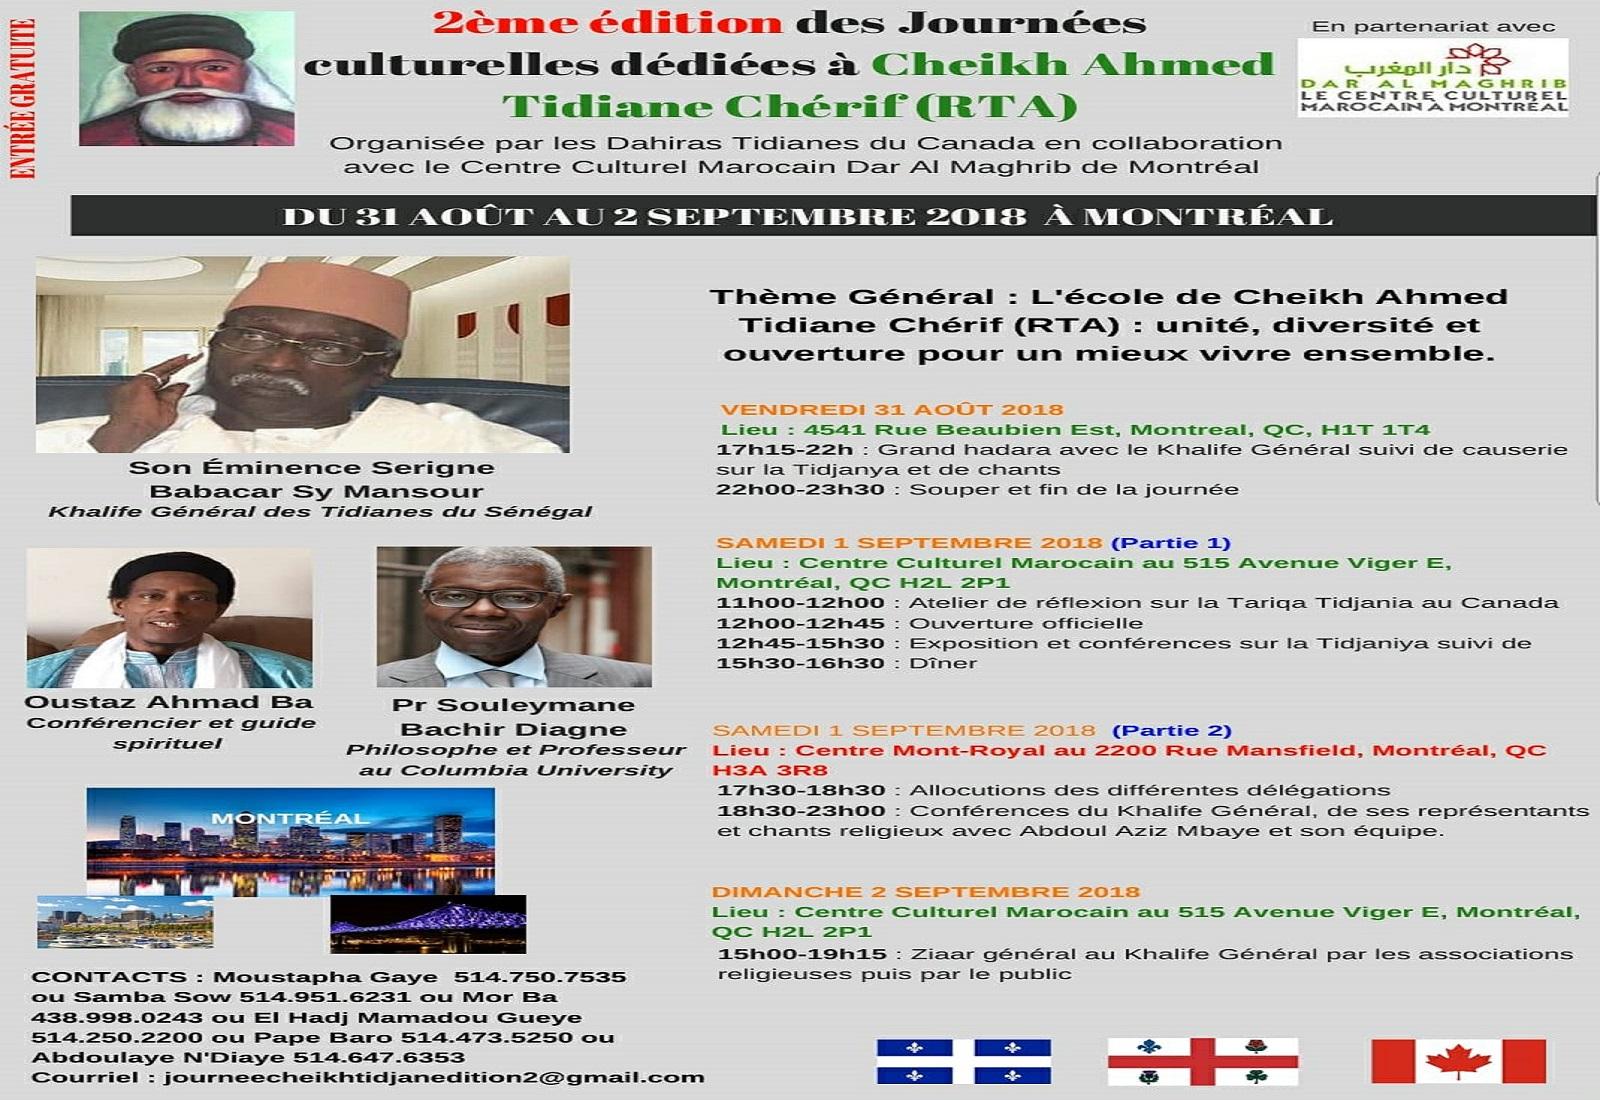 La deuxième édition des journées culturelles dédiées au Cheikh Sidi Ahmed Tijani